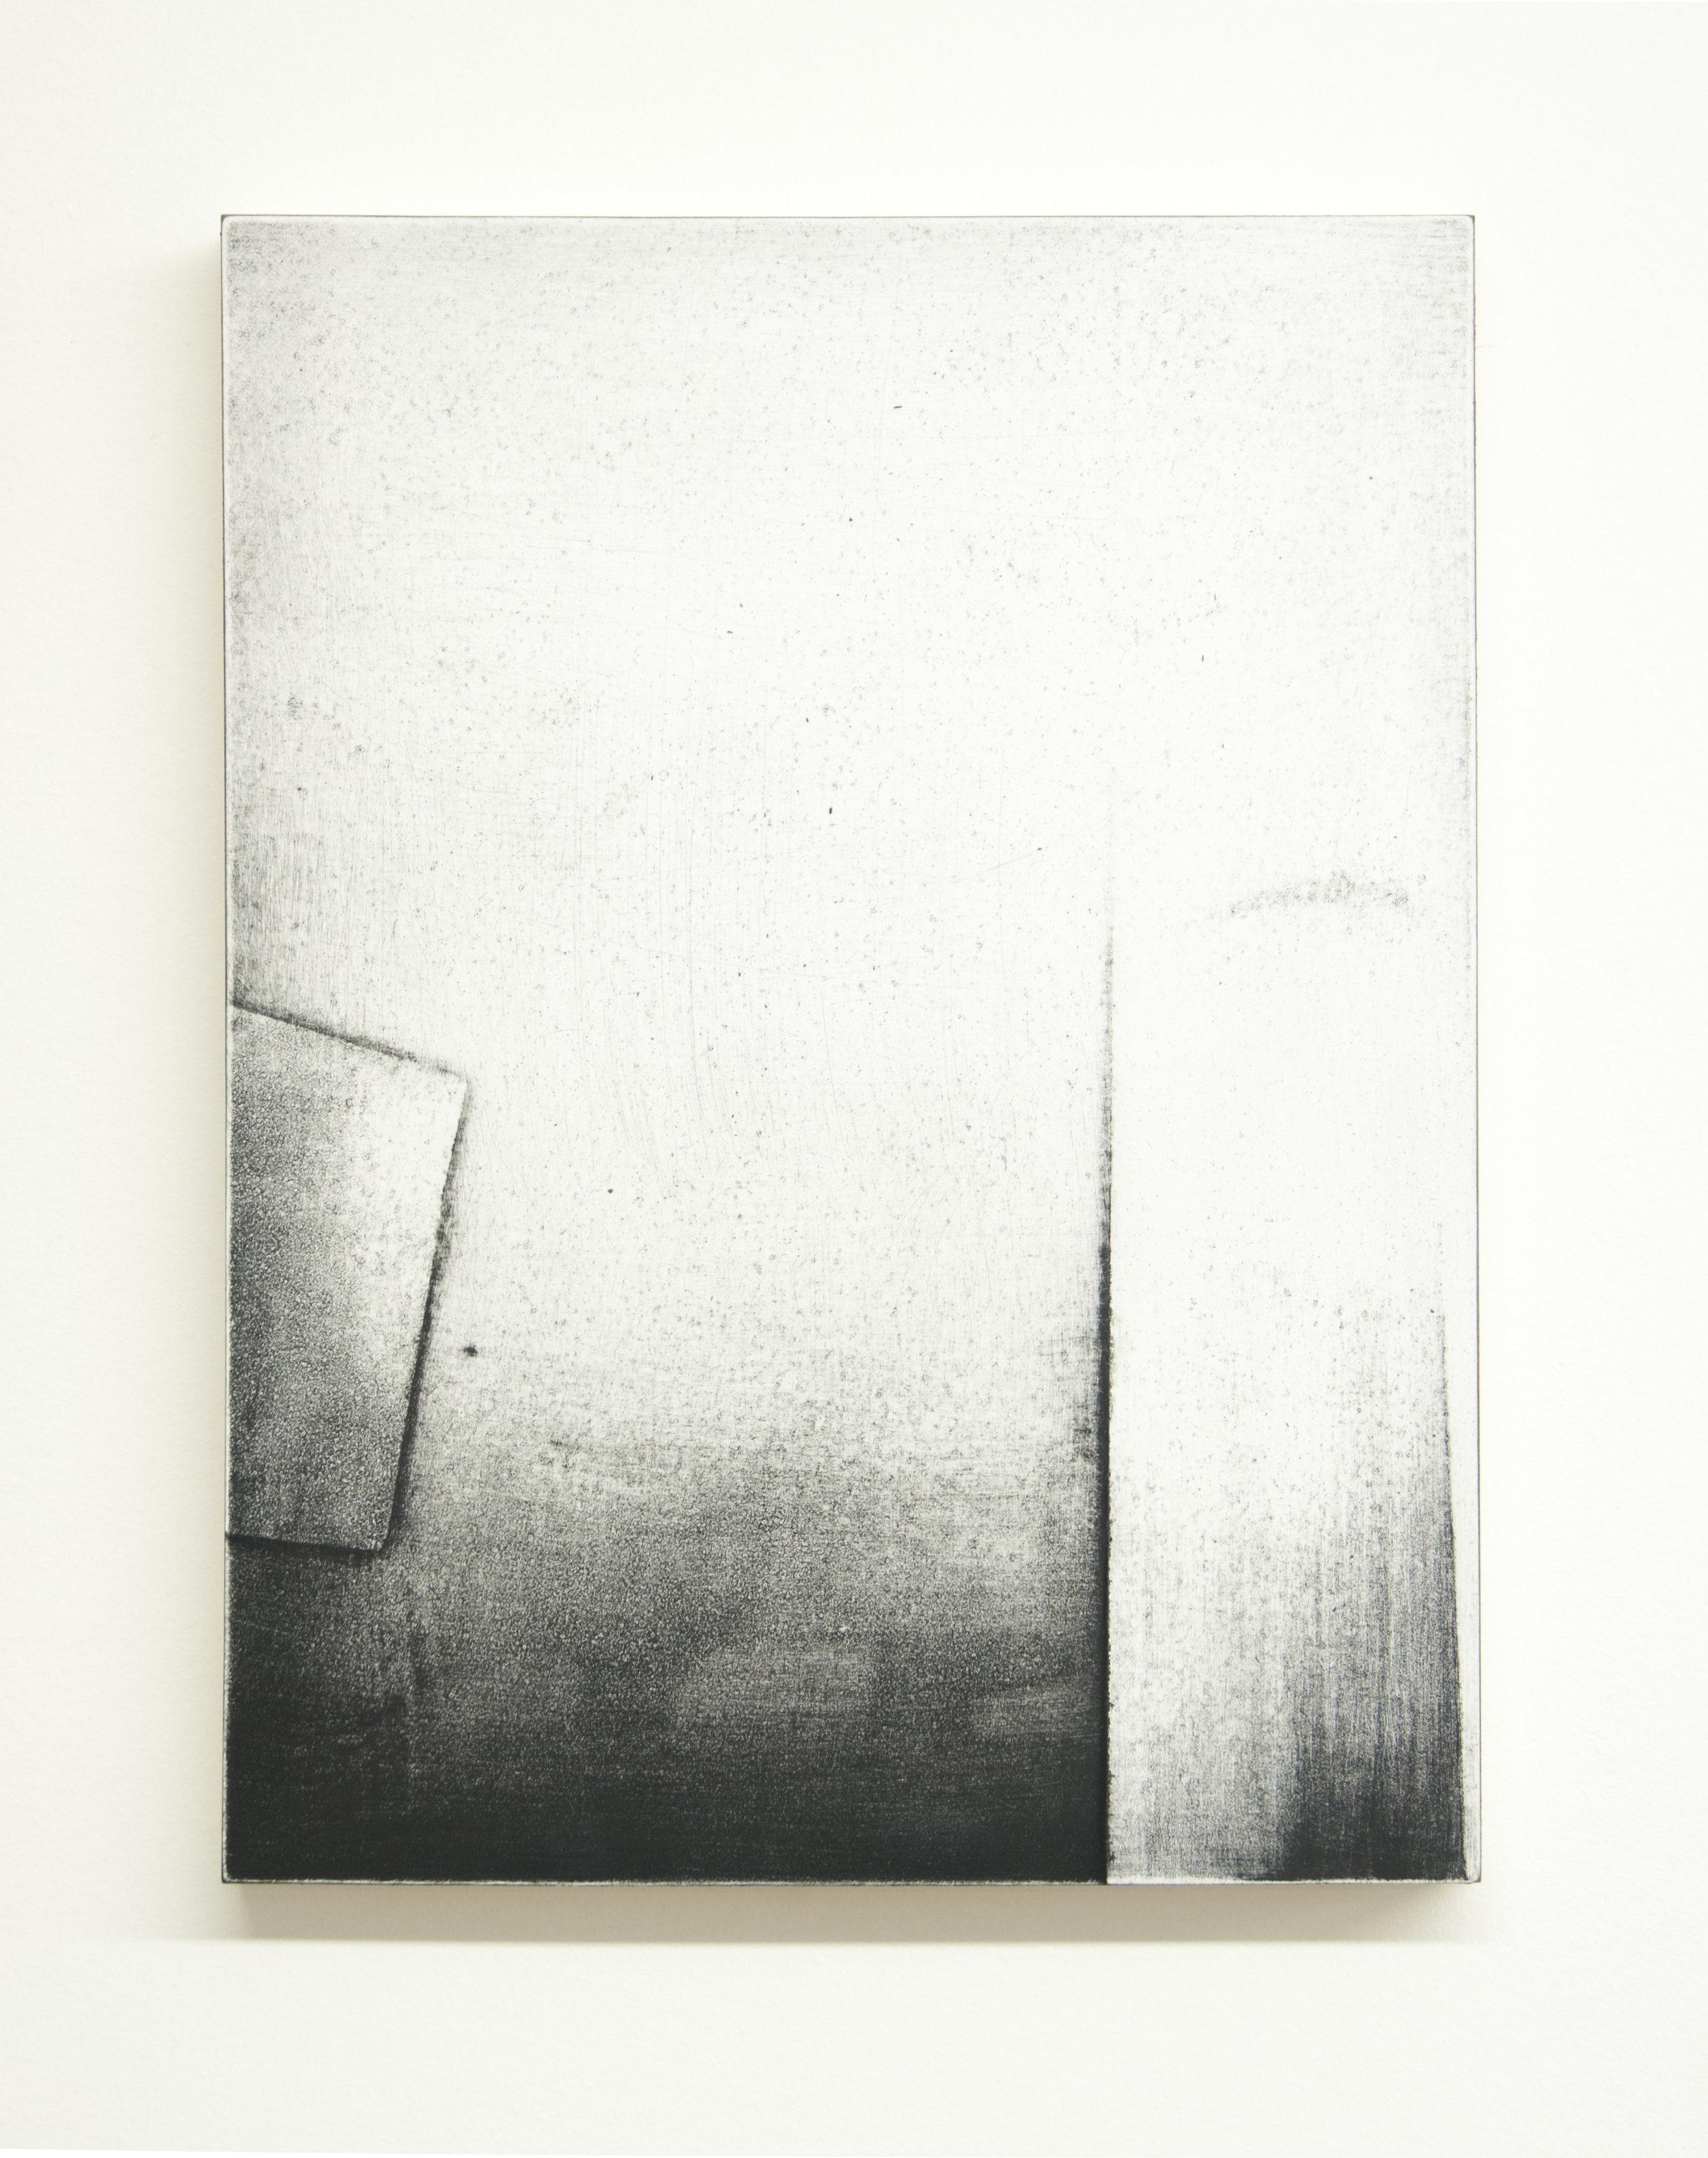 Threshold II, 2015  Acrylic on panel, 12 x 9 inches